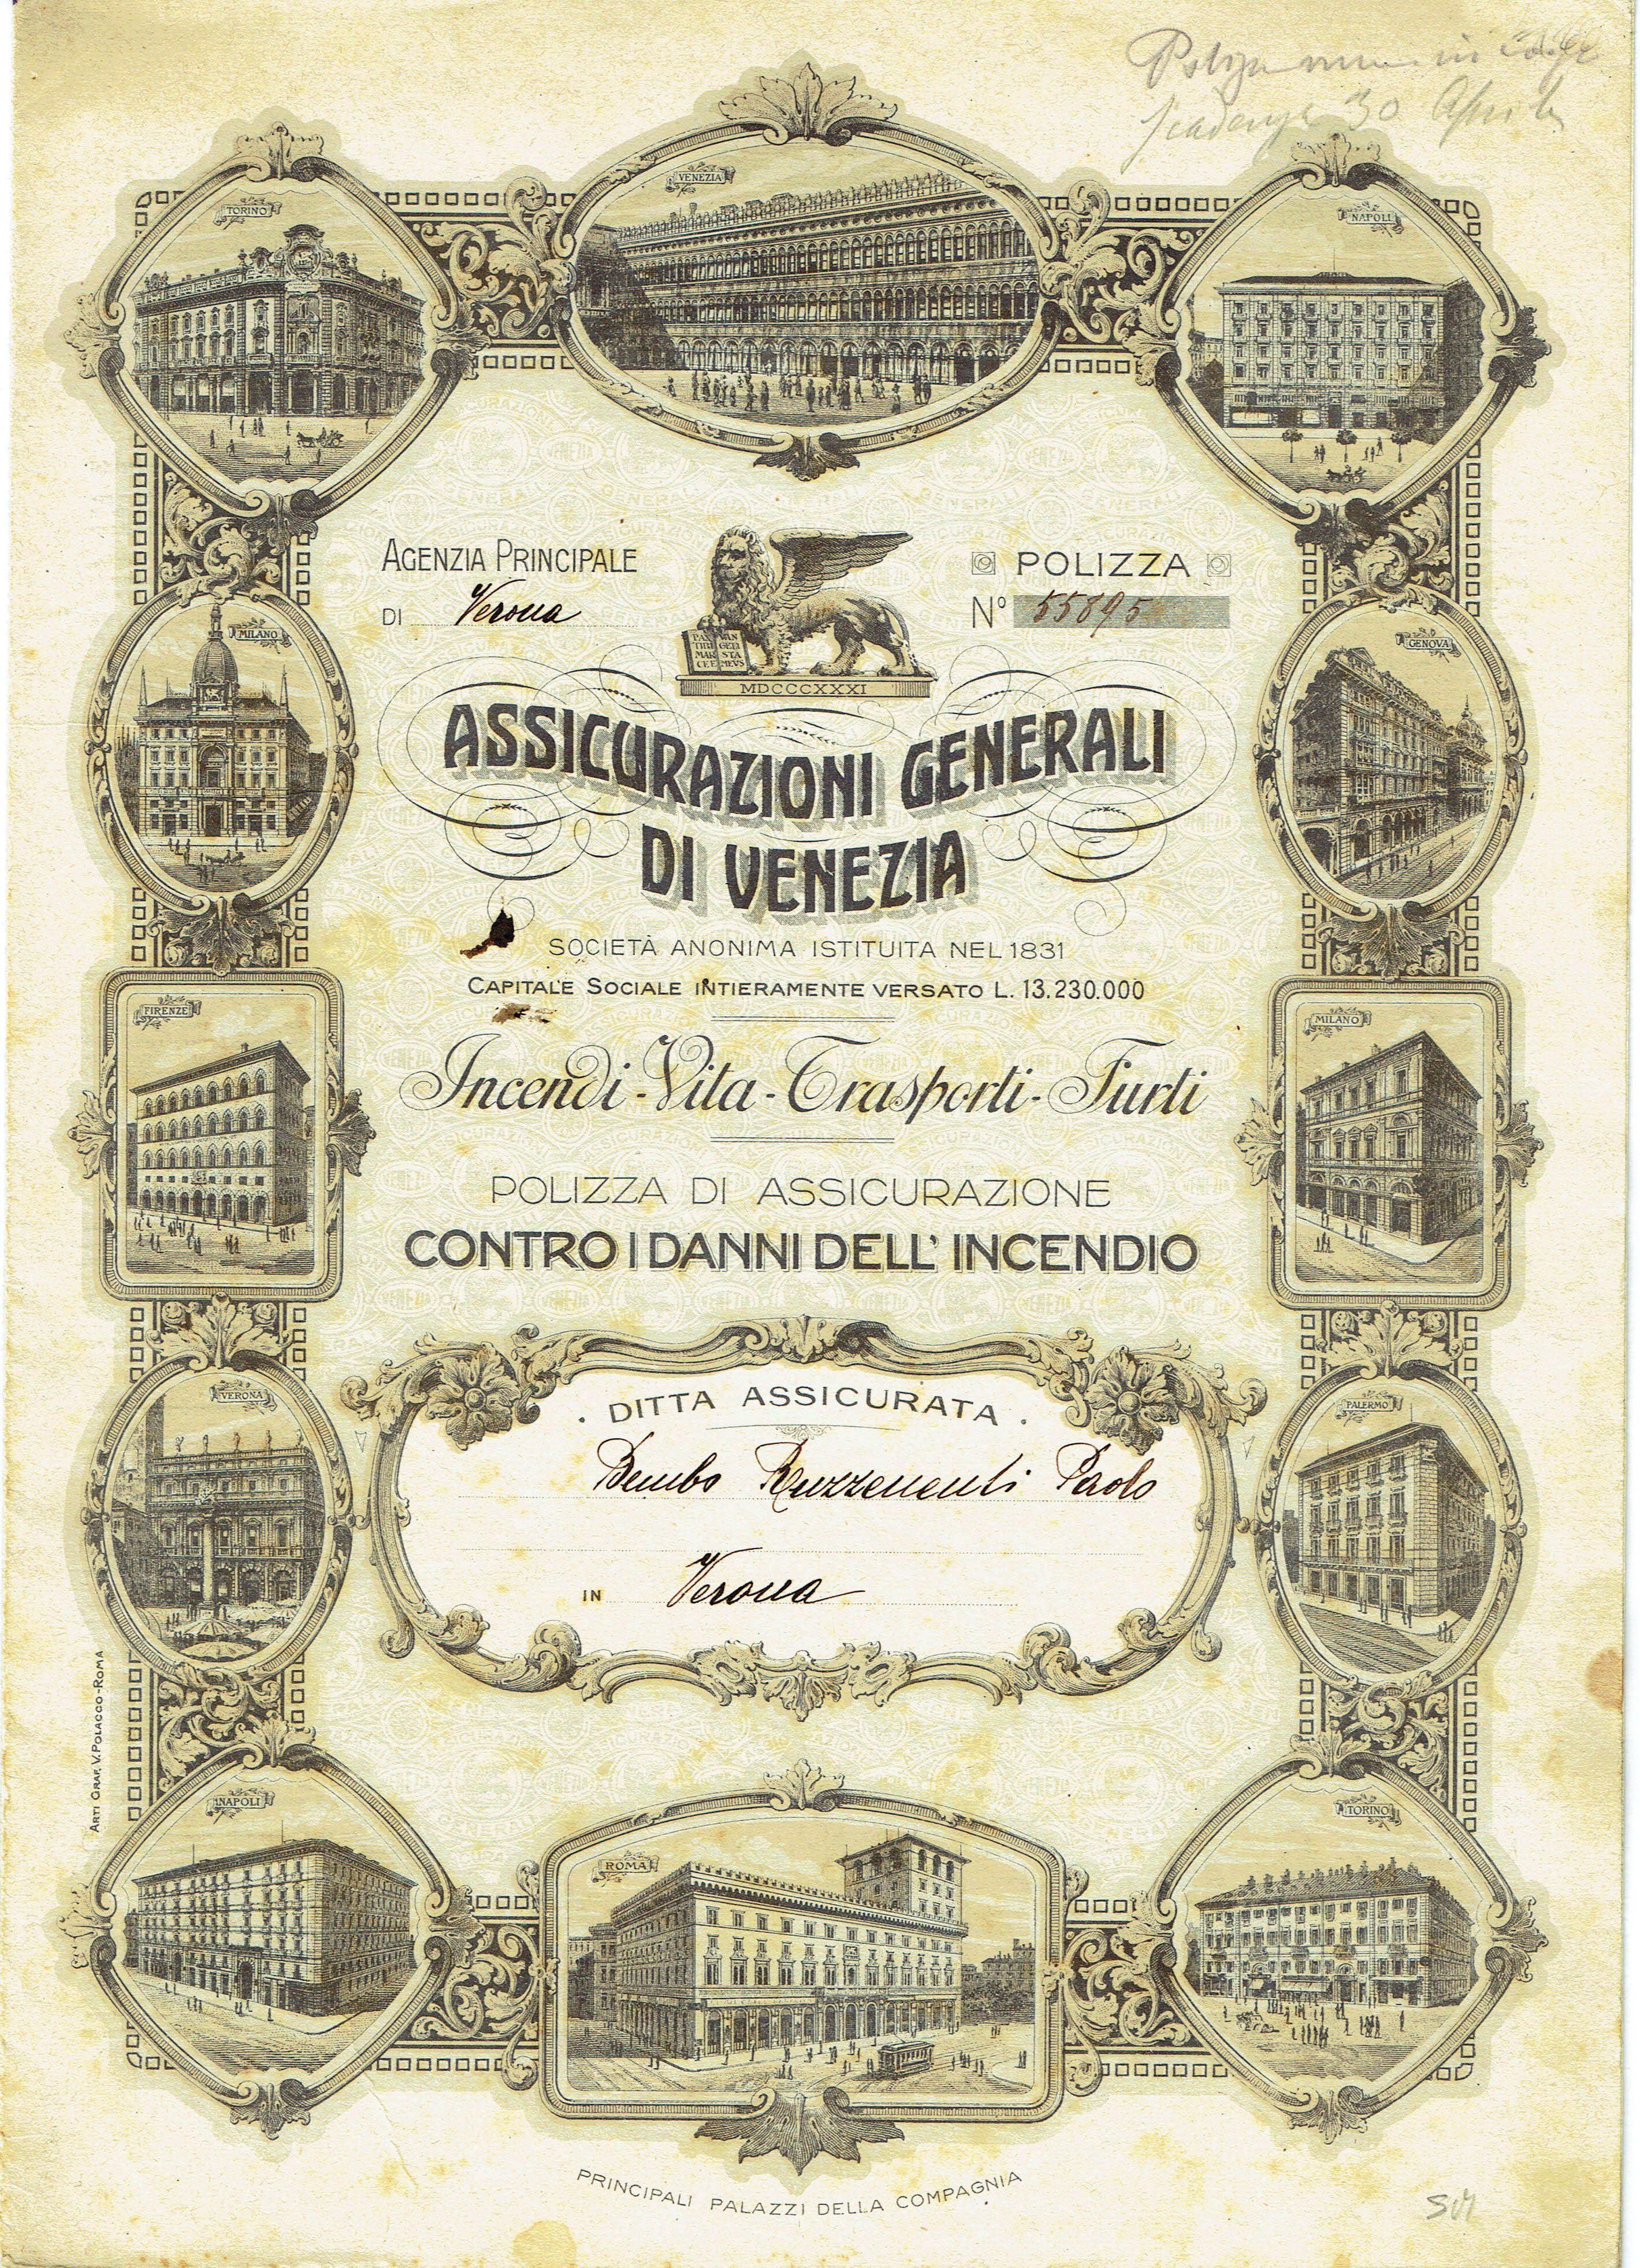 Assicurazioni Generali 1919